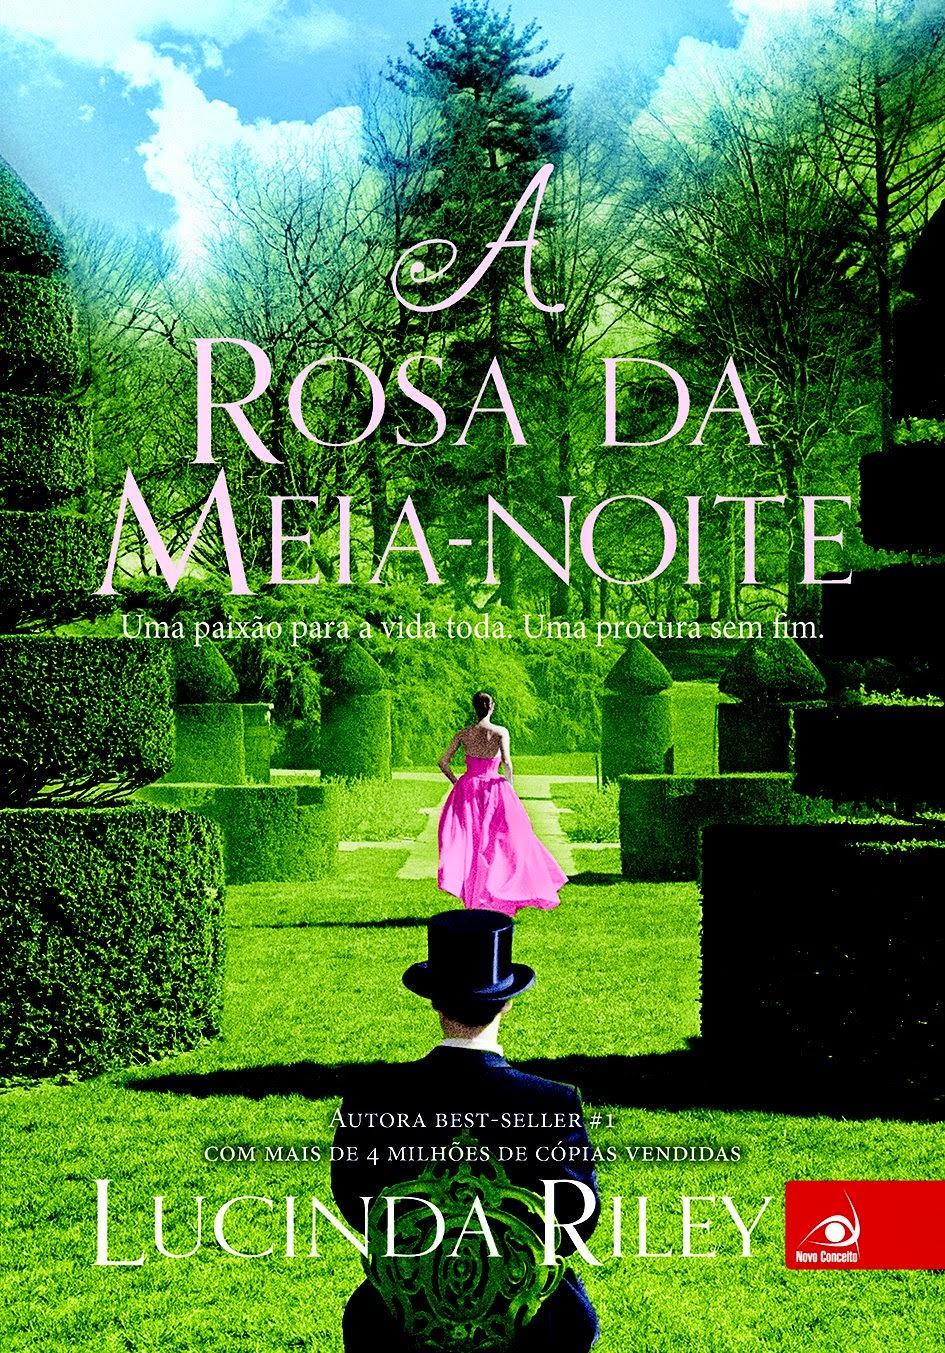 A ROSA DA MEIA NOITE